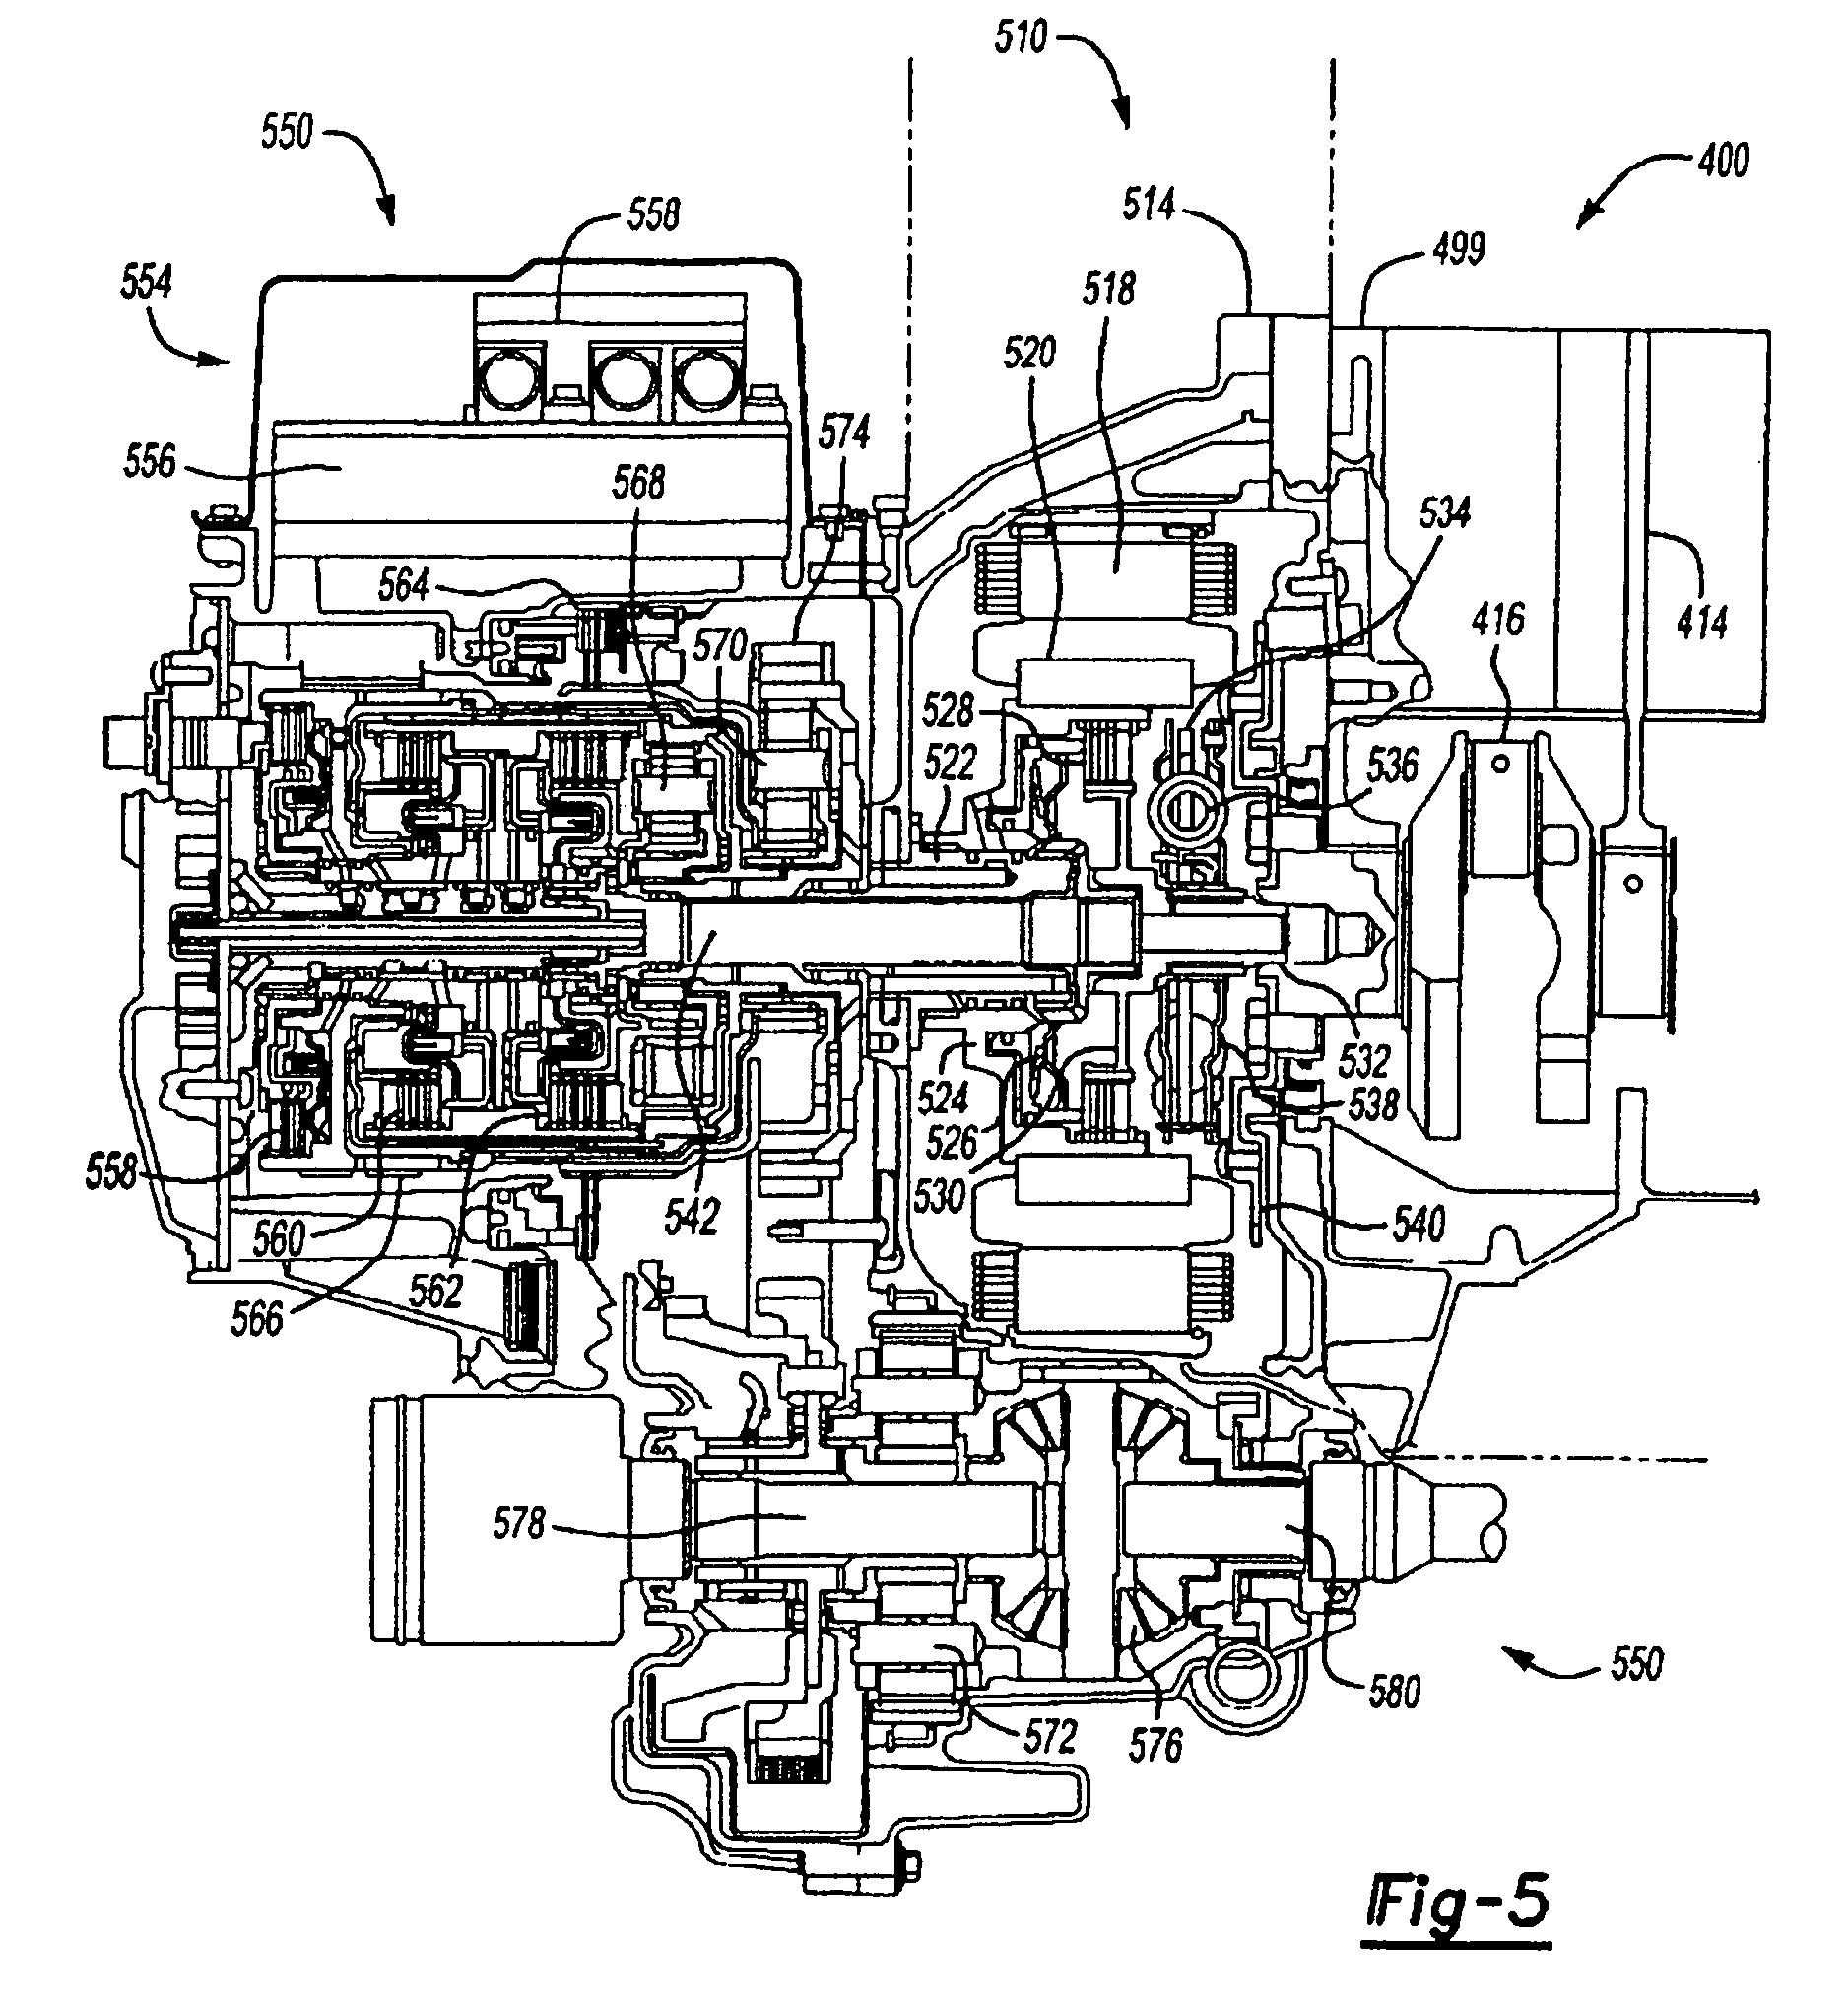 ford cd4e diagrams 46re valve body diagram